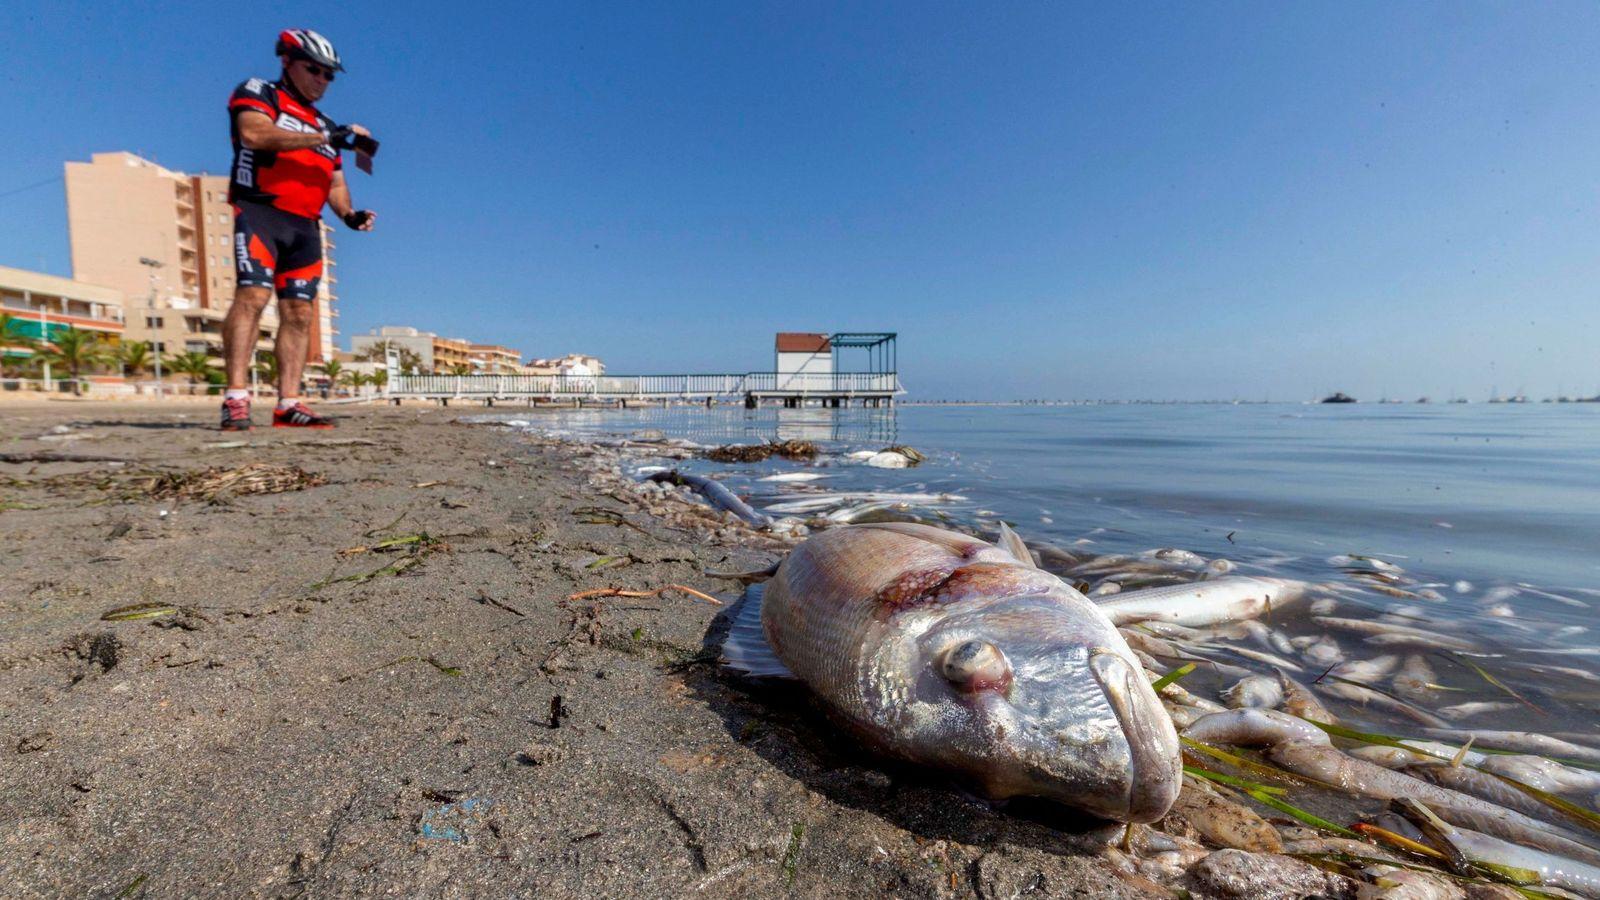 El mar Menor es un ejemplo de lo que está pasando a escala mundial: Hace años que sabemos los problemas, sabemos las soluciones y, en cambio, nadie hace nada. La muerte de peces expresa la muerte del planeta.